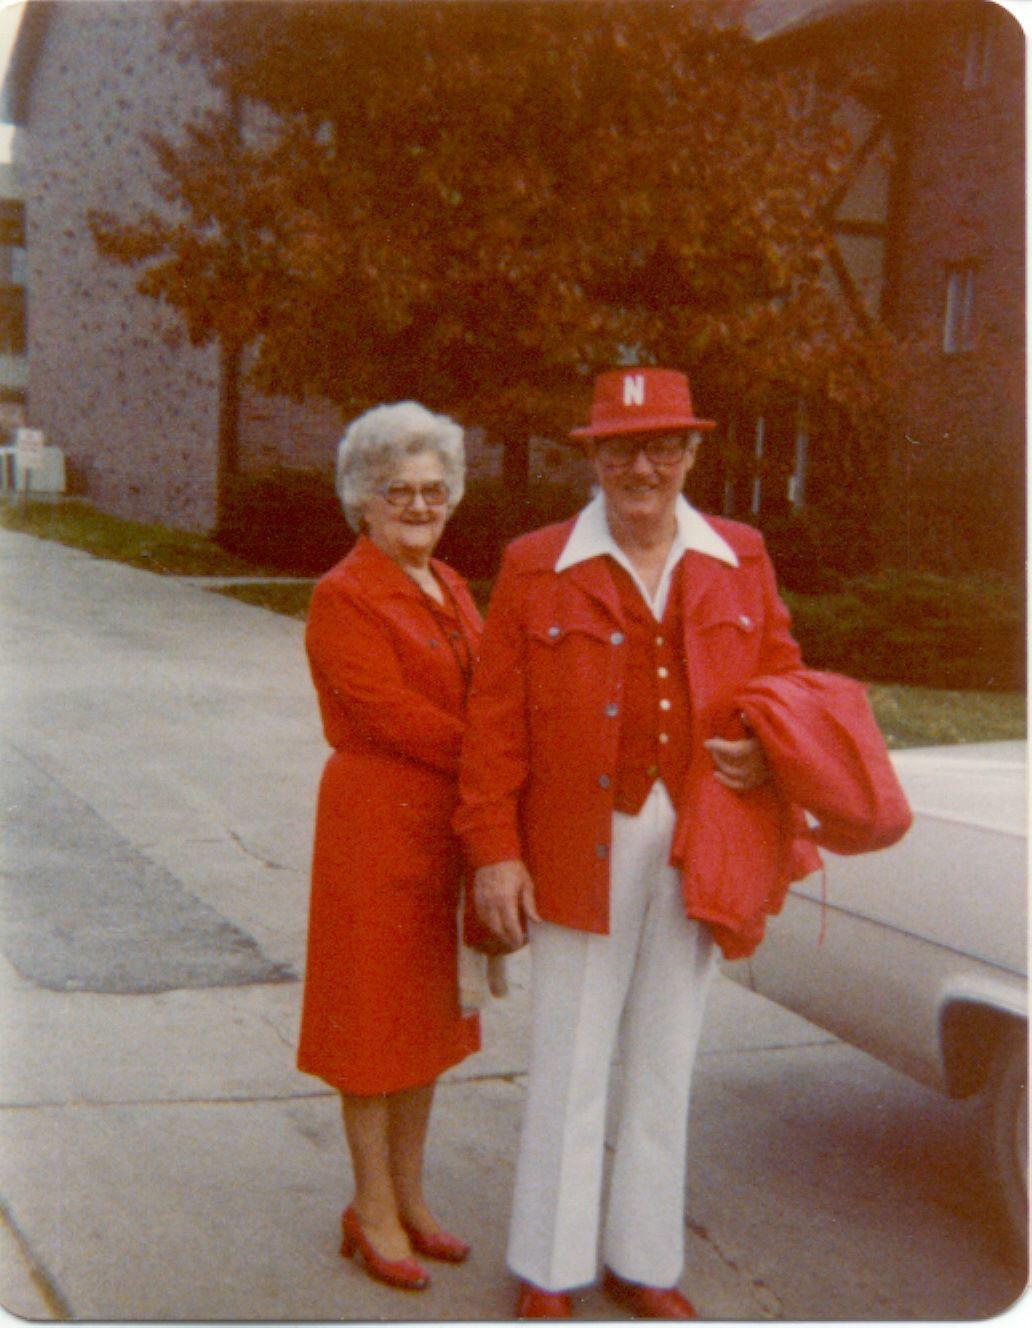 Aaron Sears' grandpa